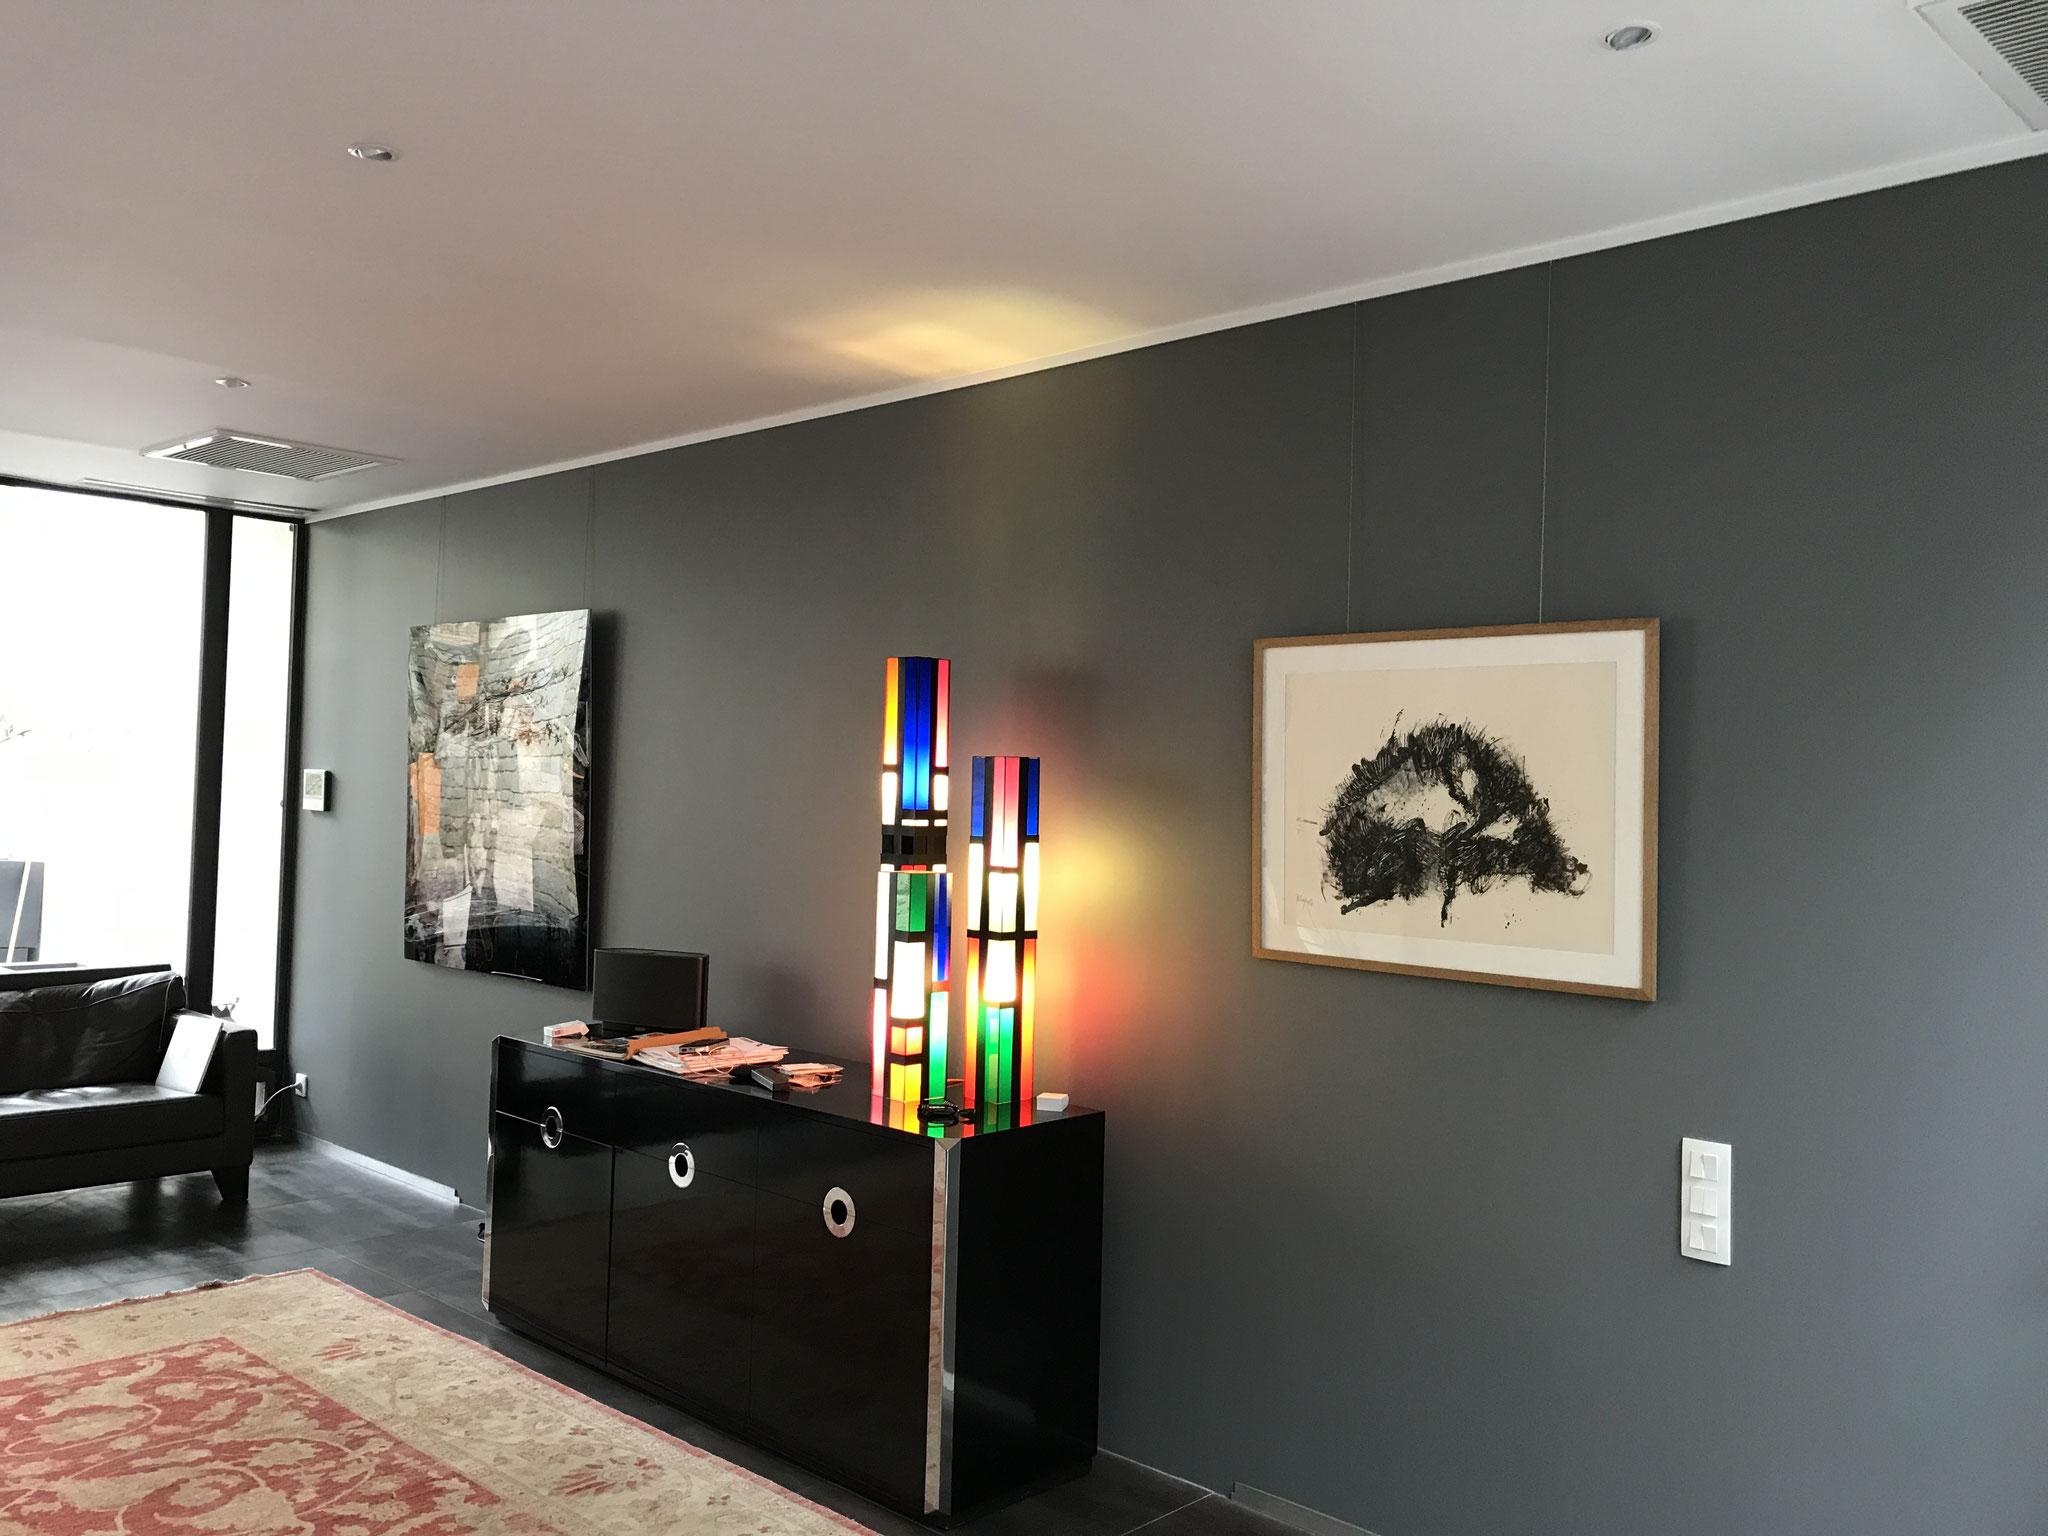 La cimaise de la même couleur que le plafond fait office de corniche lorsque le mur est d'une couleur différente